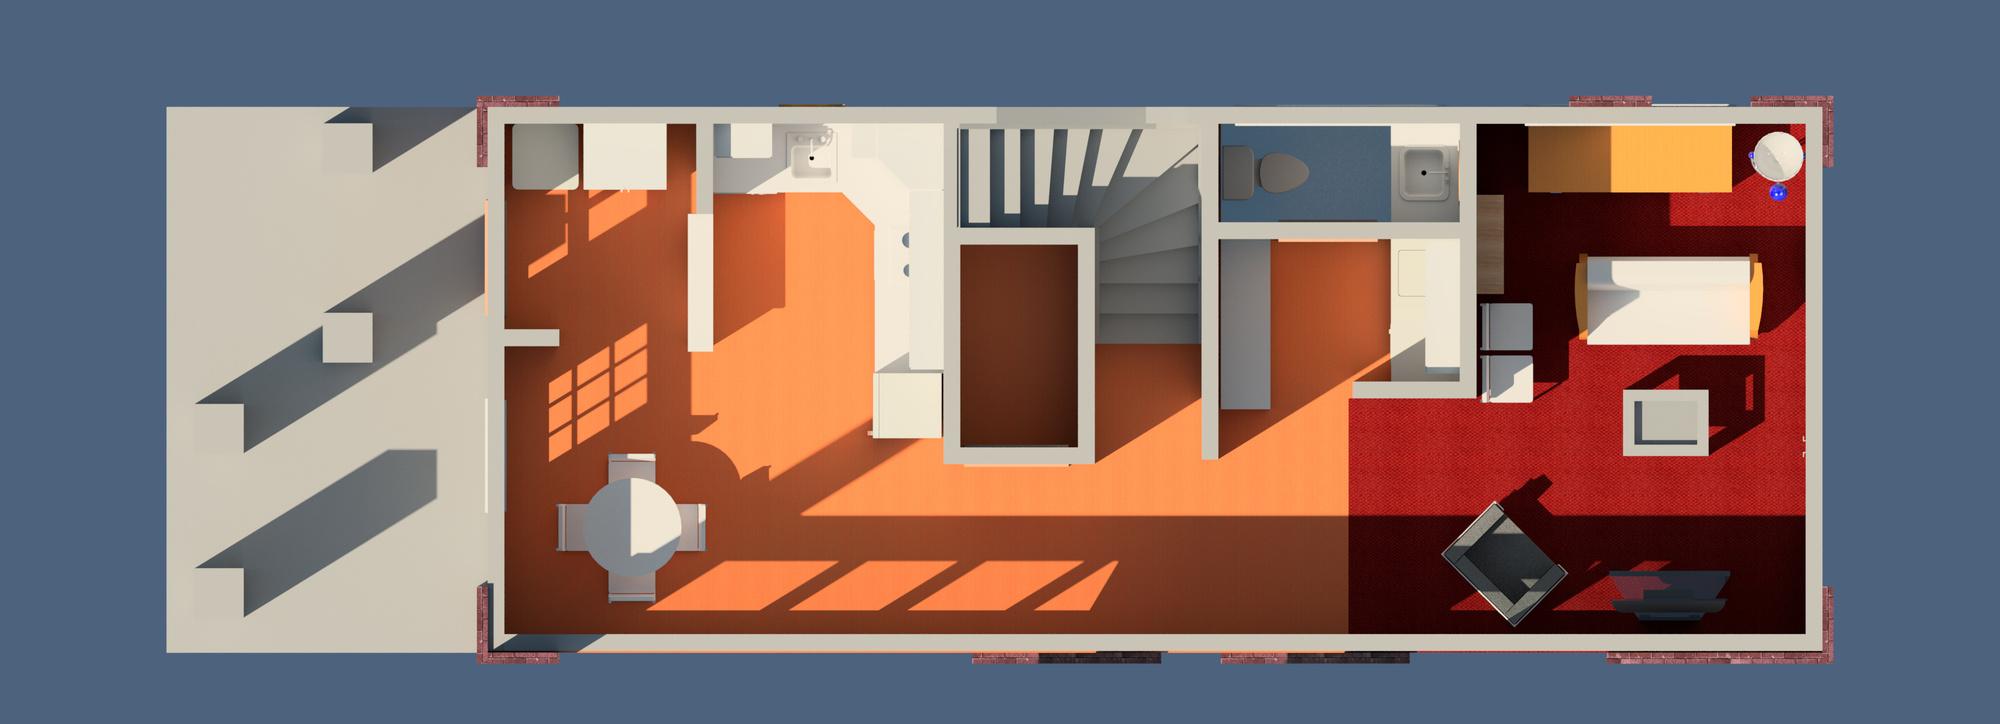 Raas-rendering20150207-12014-fzbazz